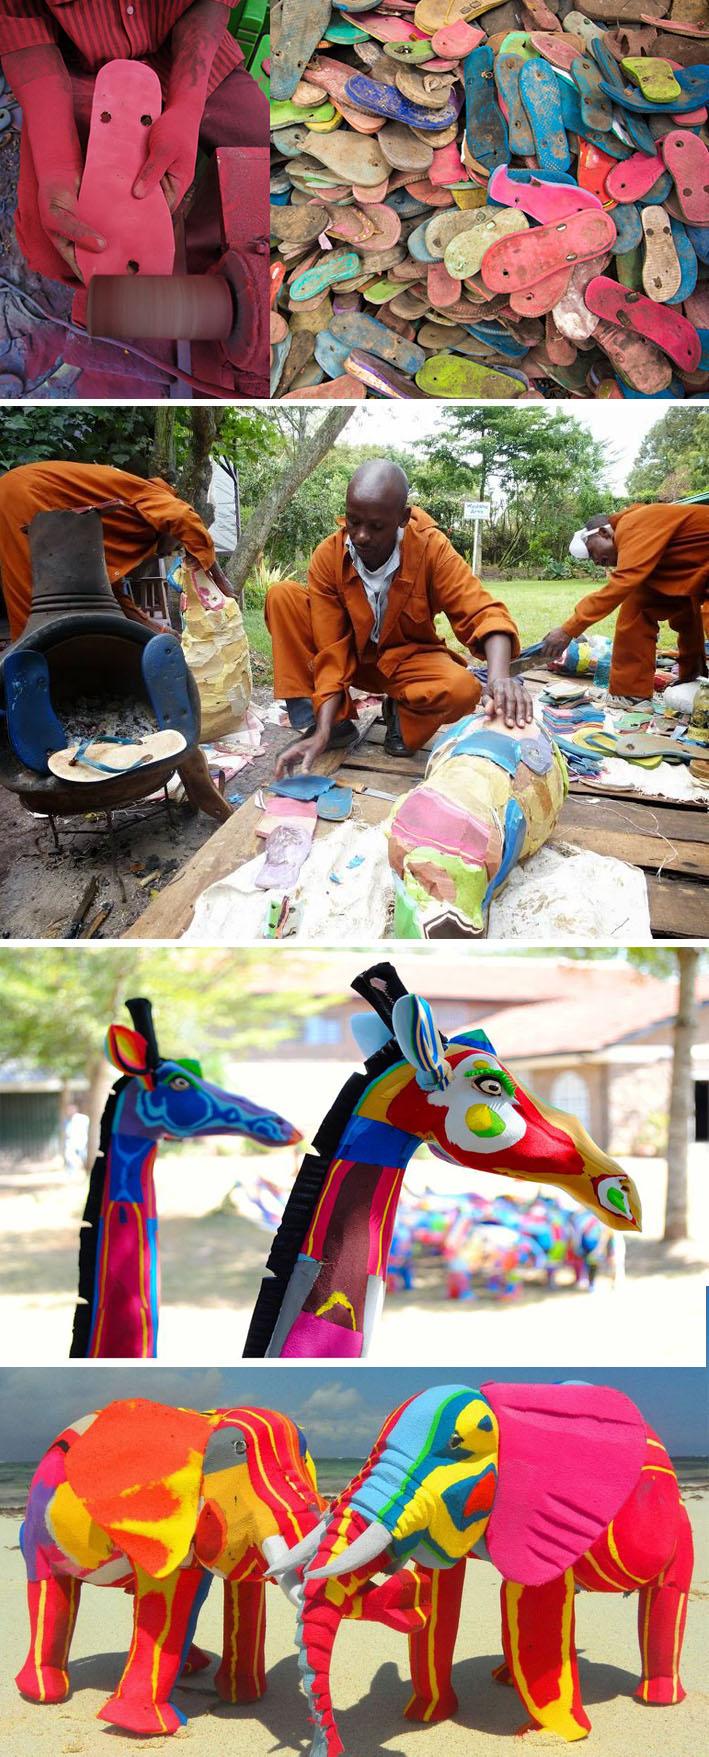 Artesãos transformam chinelos velhos em obras de arte e objetos de decoração stylo urbano-1